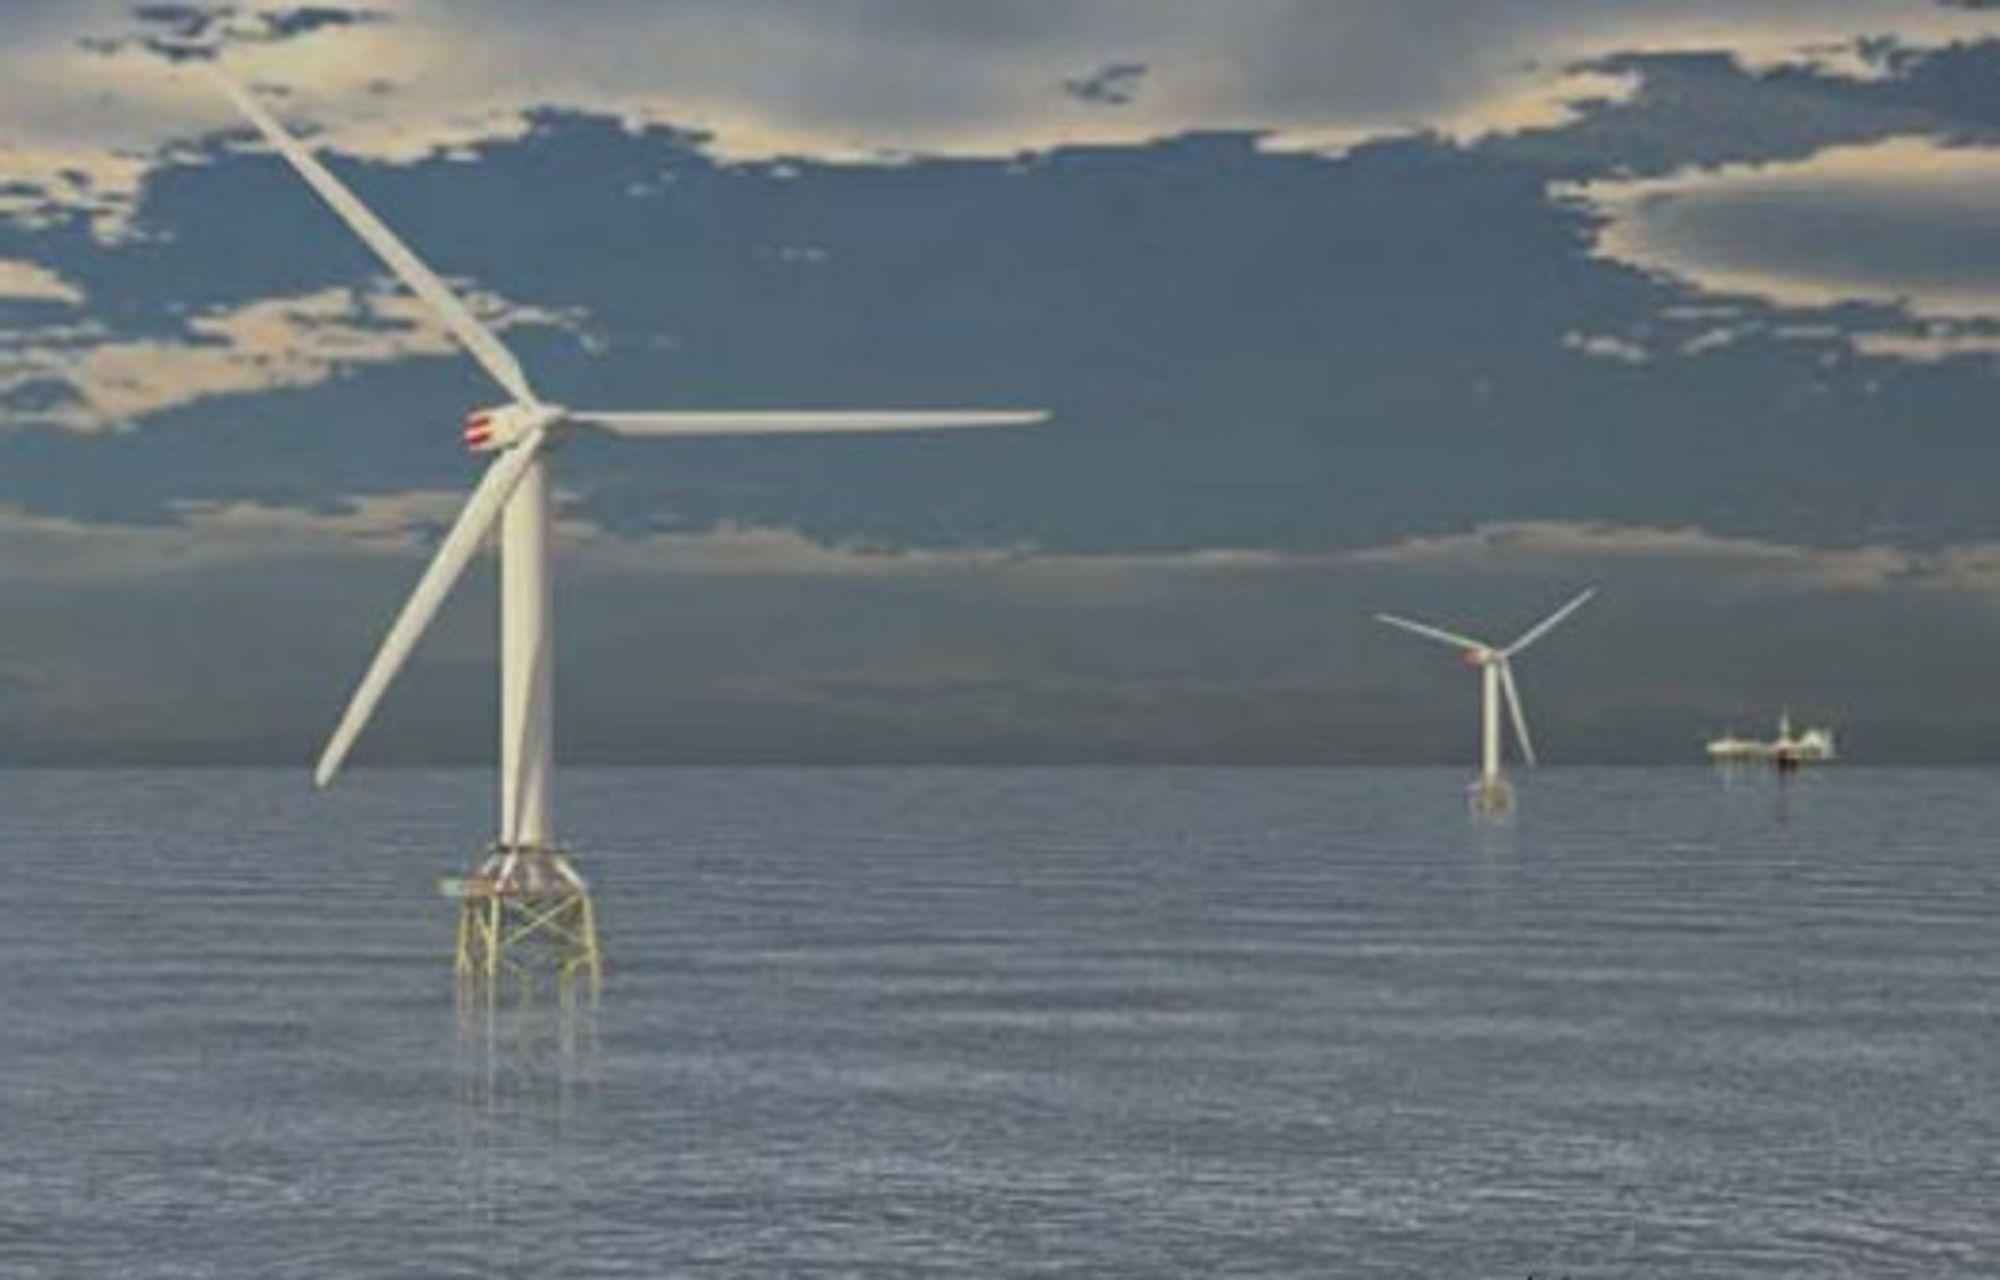 EU-prosjekt: På 50 meters dyp ble Owec Towers to prototyper installert utenfor kysten av Scotland i 2006. Prototypene leverer strøm til vanninjeksjon på oljefeltet til plattformen Beatrice. Prosjektet er sponset av EUs 6. rammeprogram, og inkluderer et pågående miljøprosjekt som tar for seg effekter på fisk og fugler.